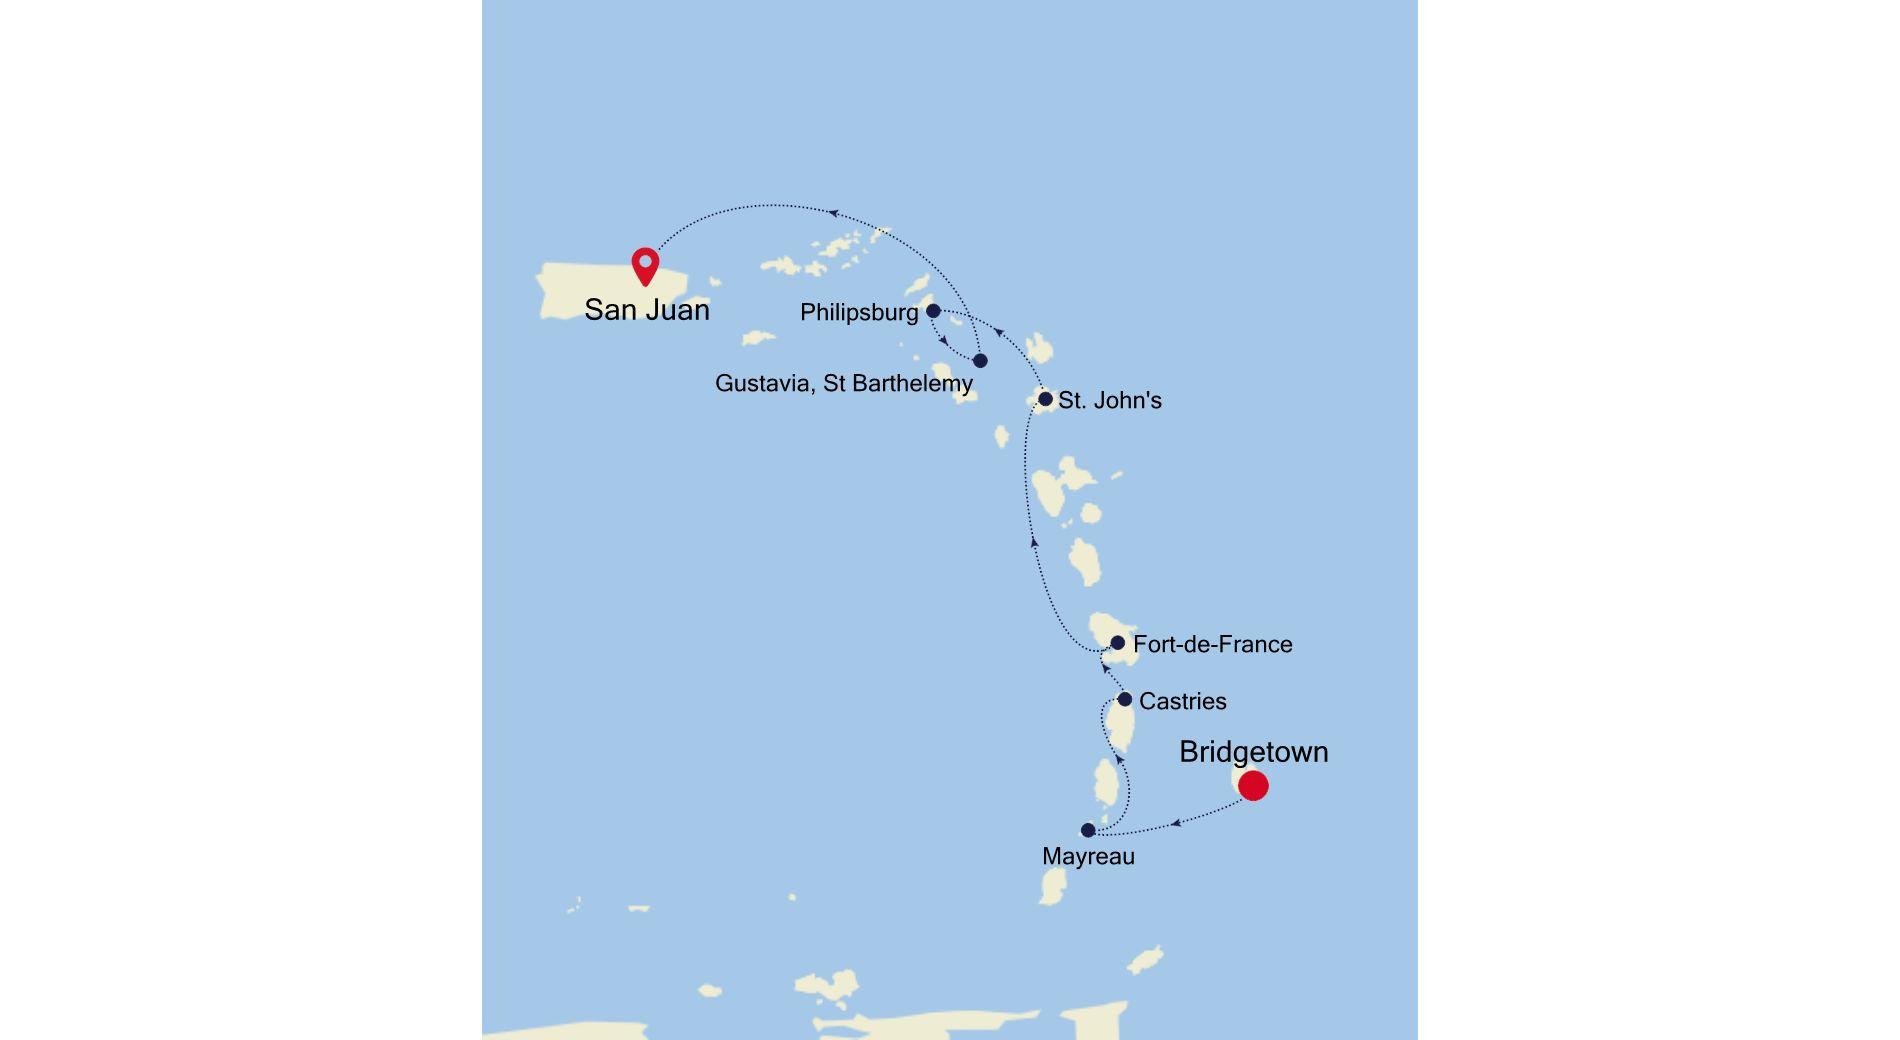 5909B - Bridgetown nach San Juan